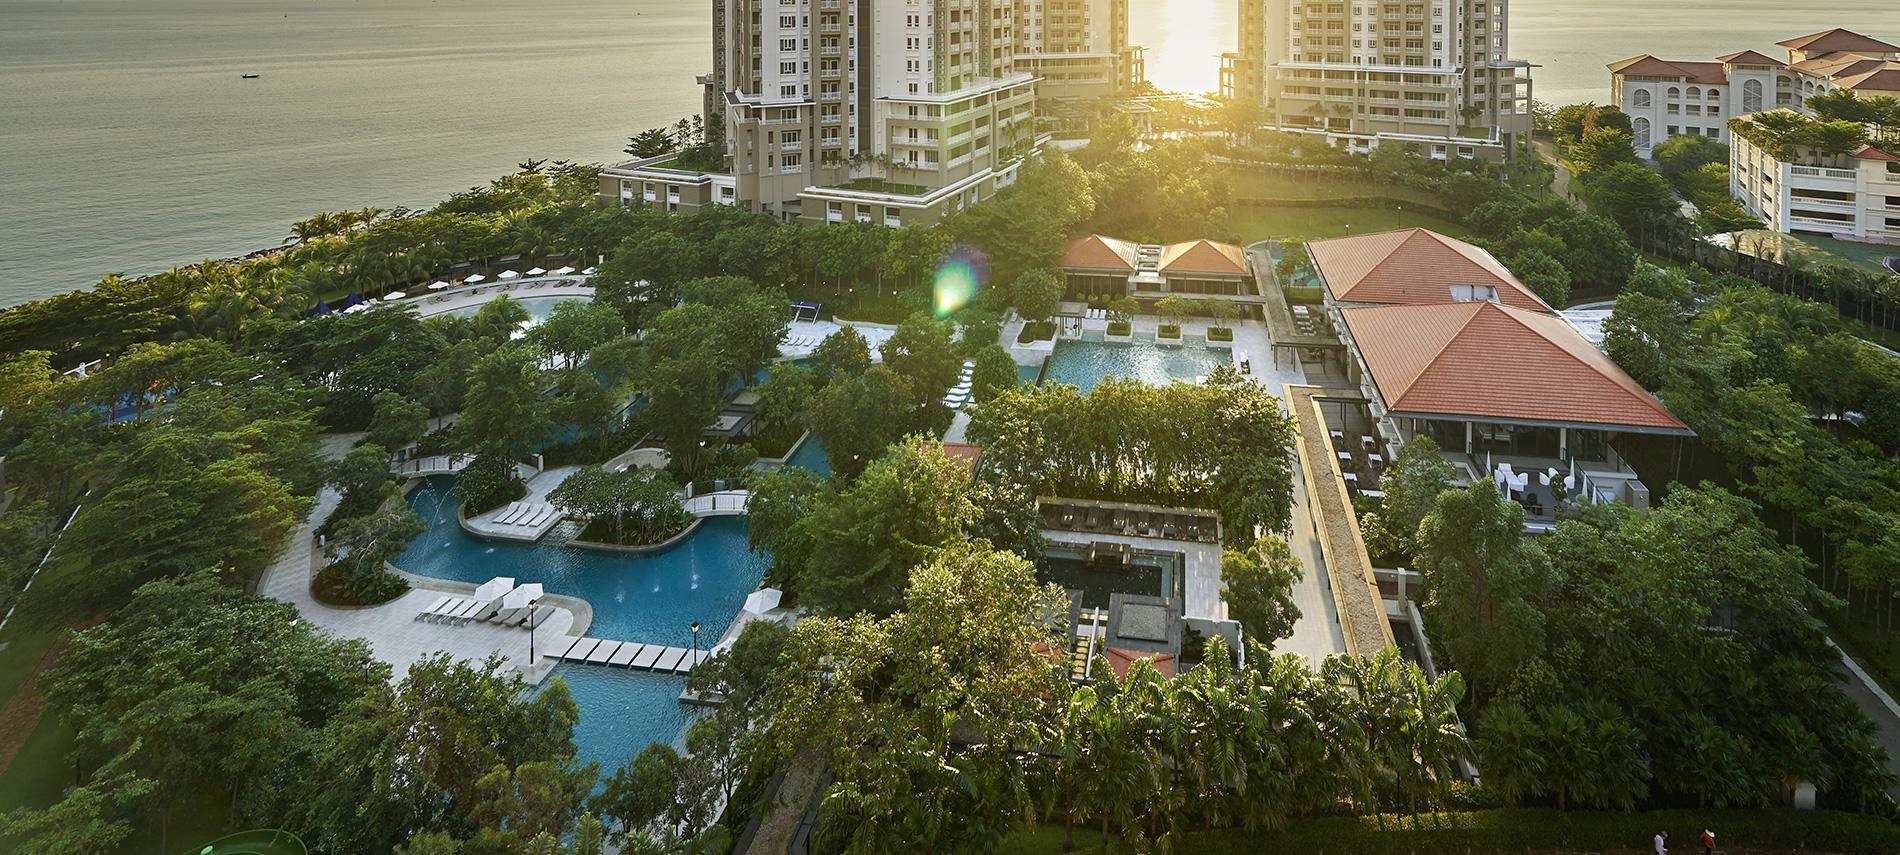 由E&O开发的18 East at Andaman高级海景公寓项目自设占地4.5英亩的水上乐园